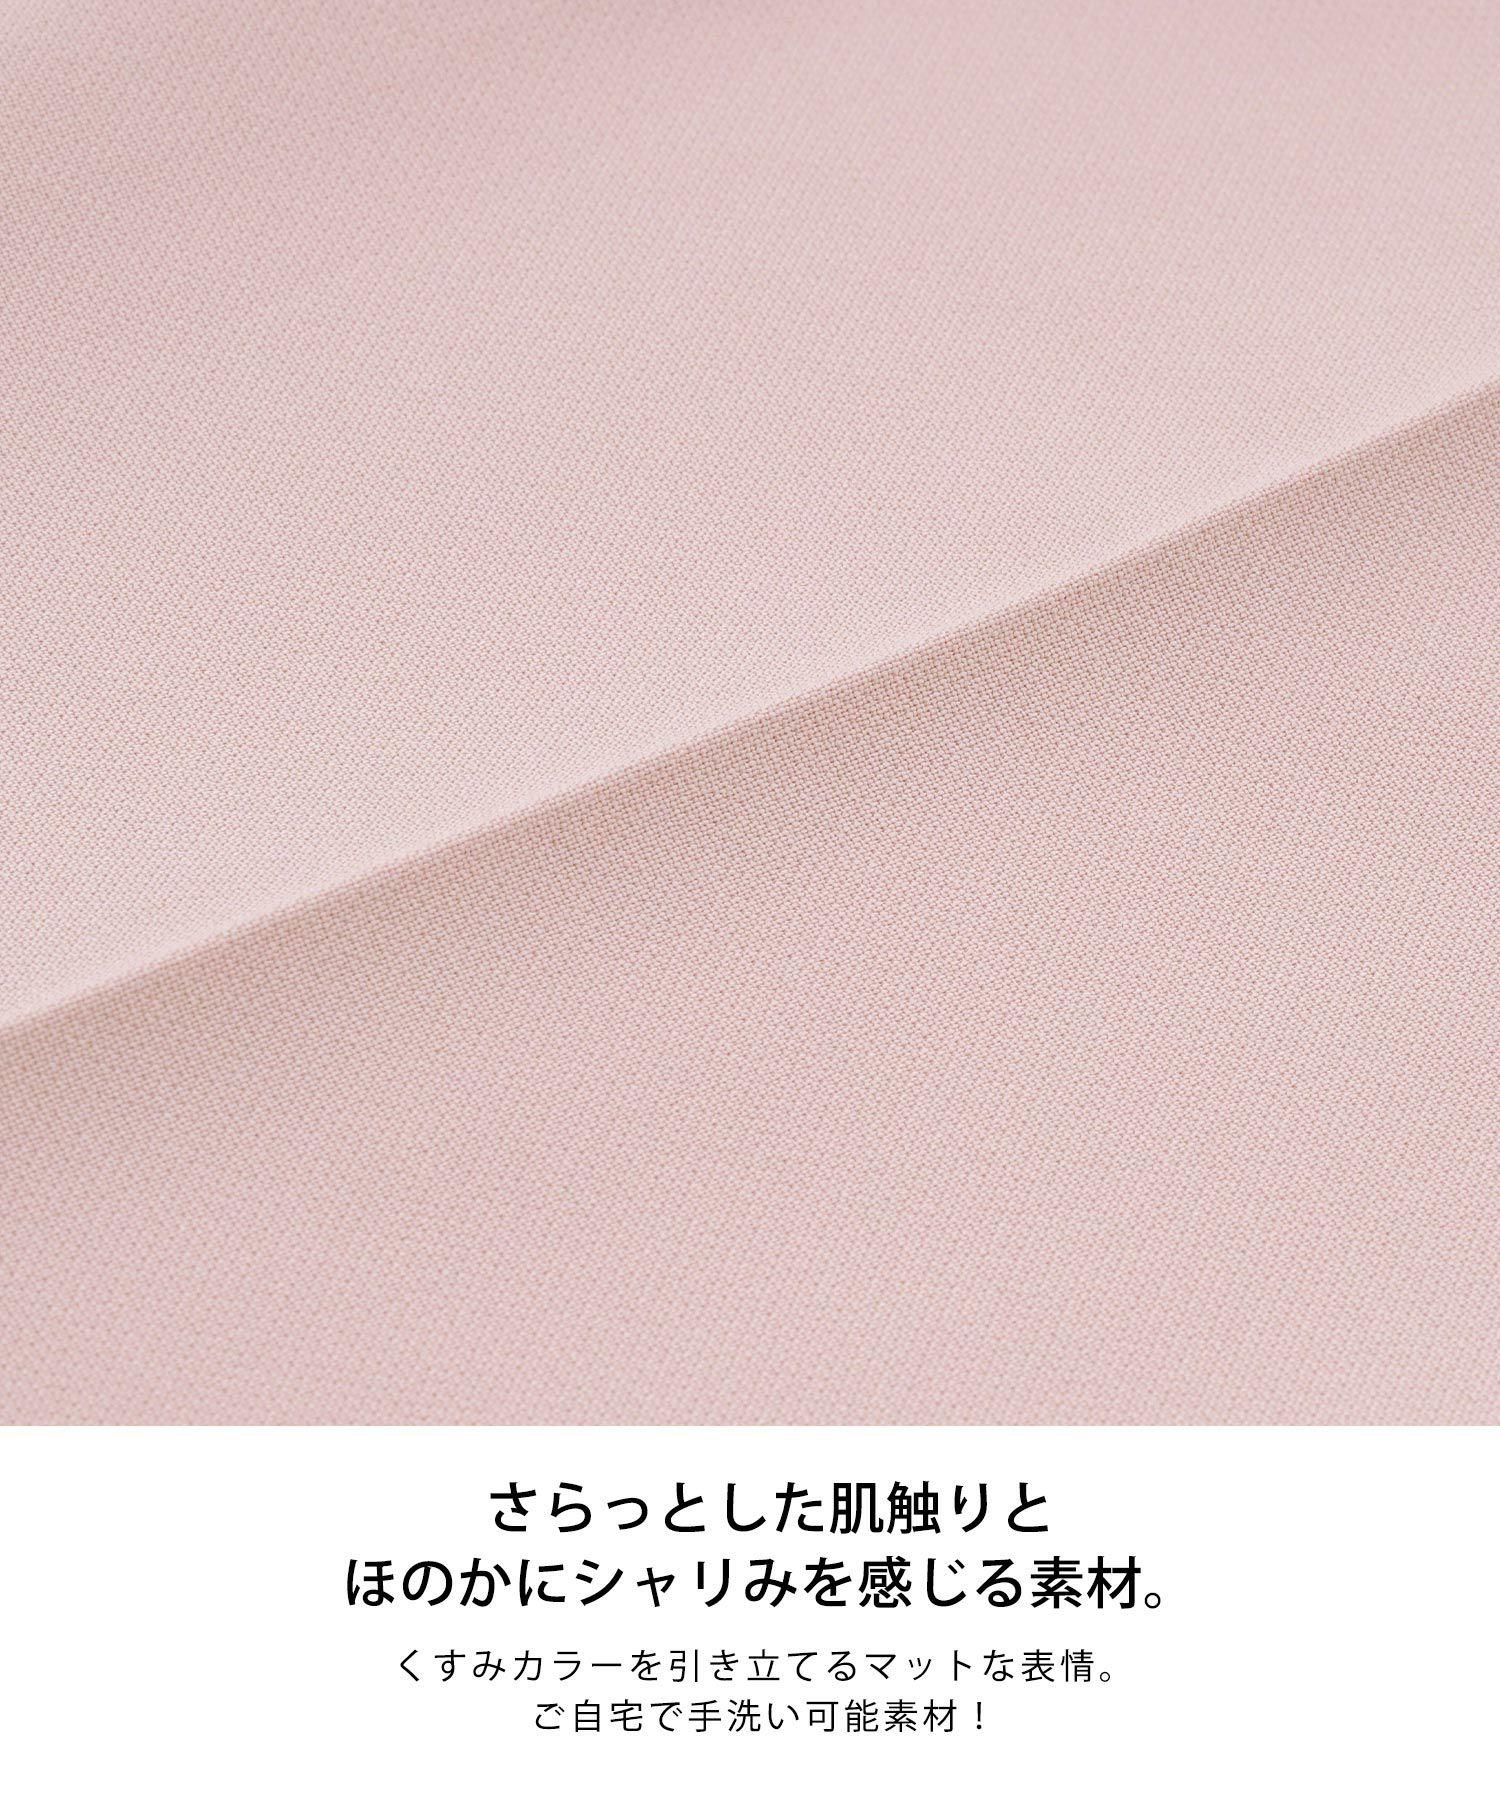 手洗い可/ウエストゴム/ストレッチ/ドロスト/綺麗め/大人カジュアル/春夏